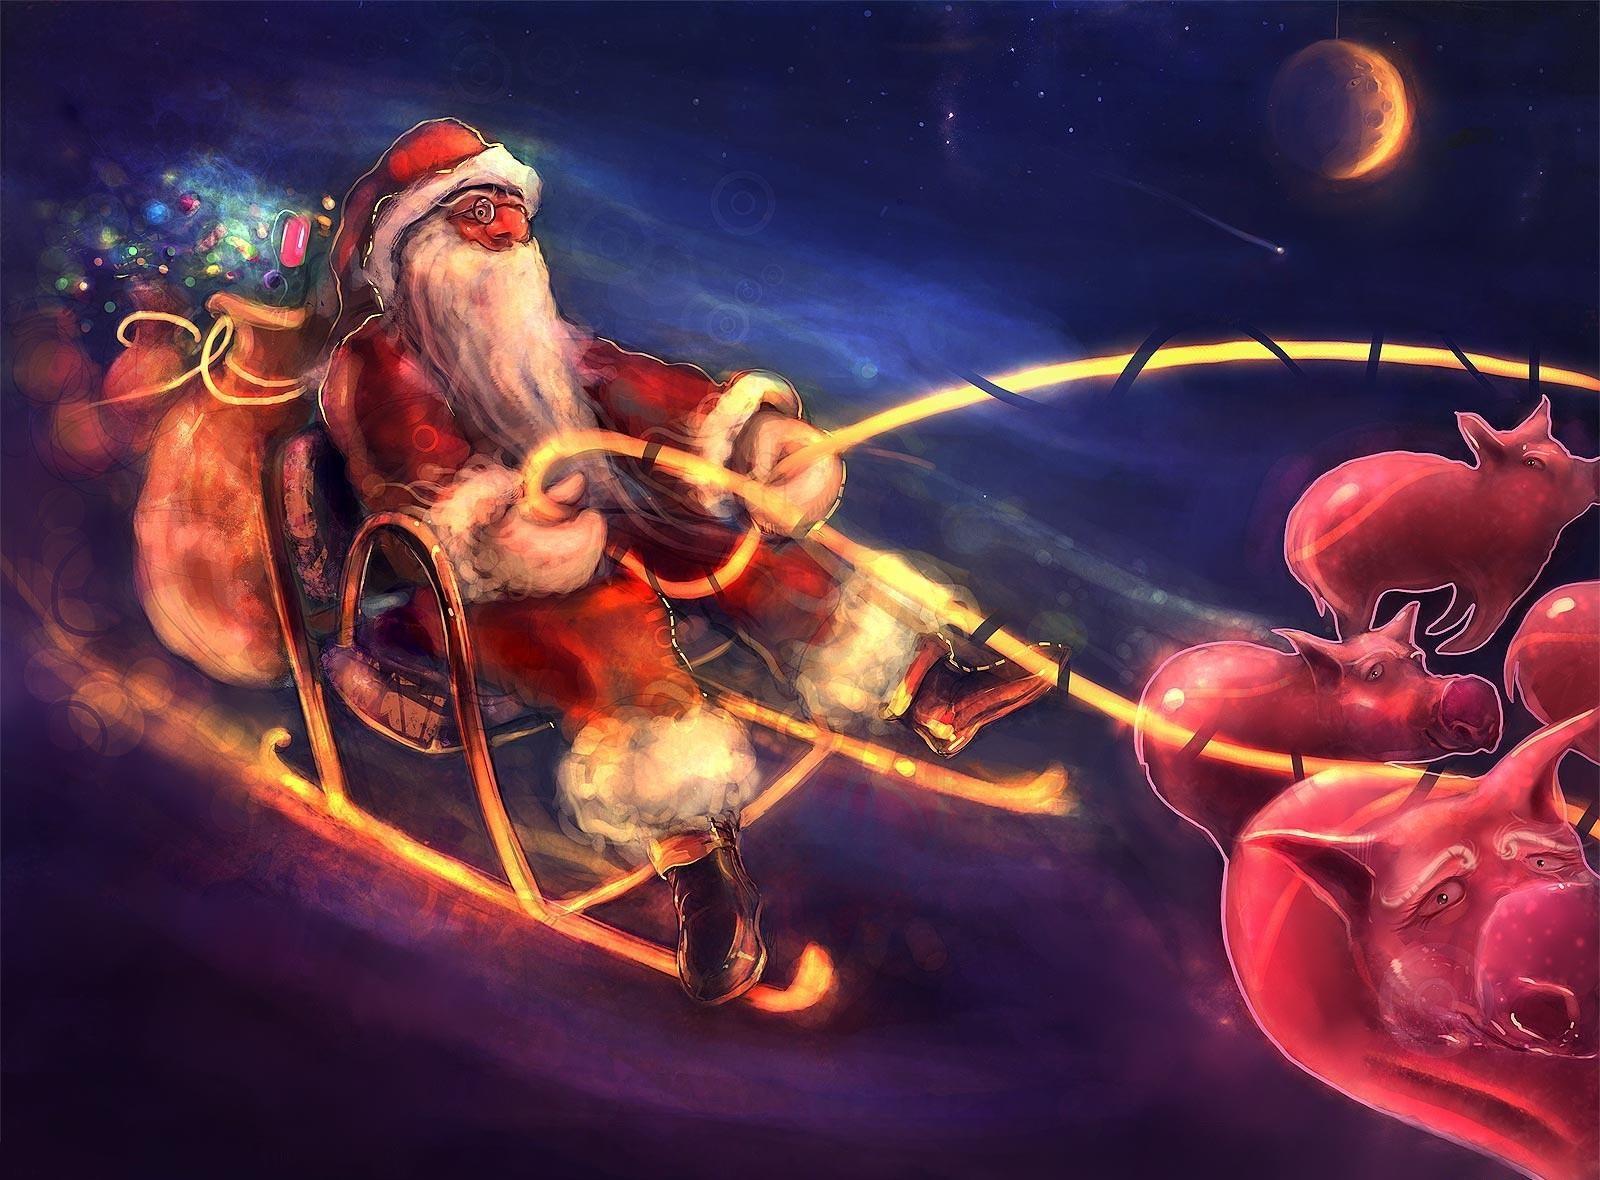 154364 descargar fondo de pantalla Vacaciones, Papá Noel, Noche, Navidad, Presenta, Regalos, Pigs, Trineo, Vuelo: protectores de pantalla e imágenes gratis